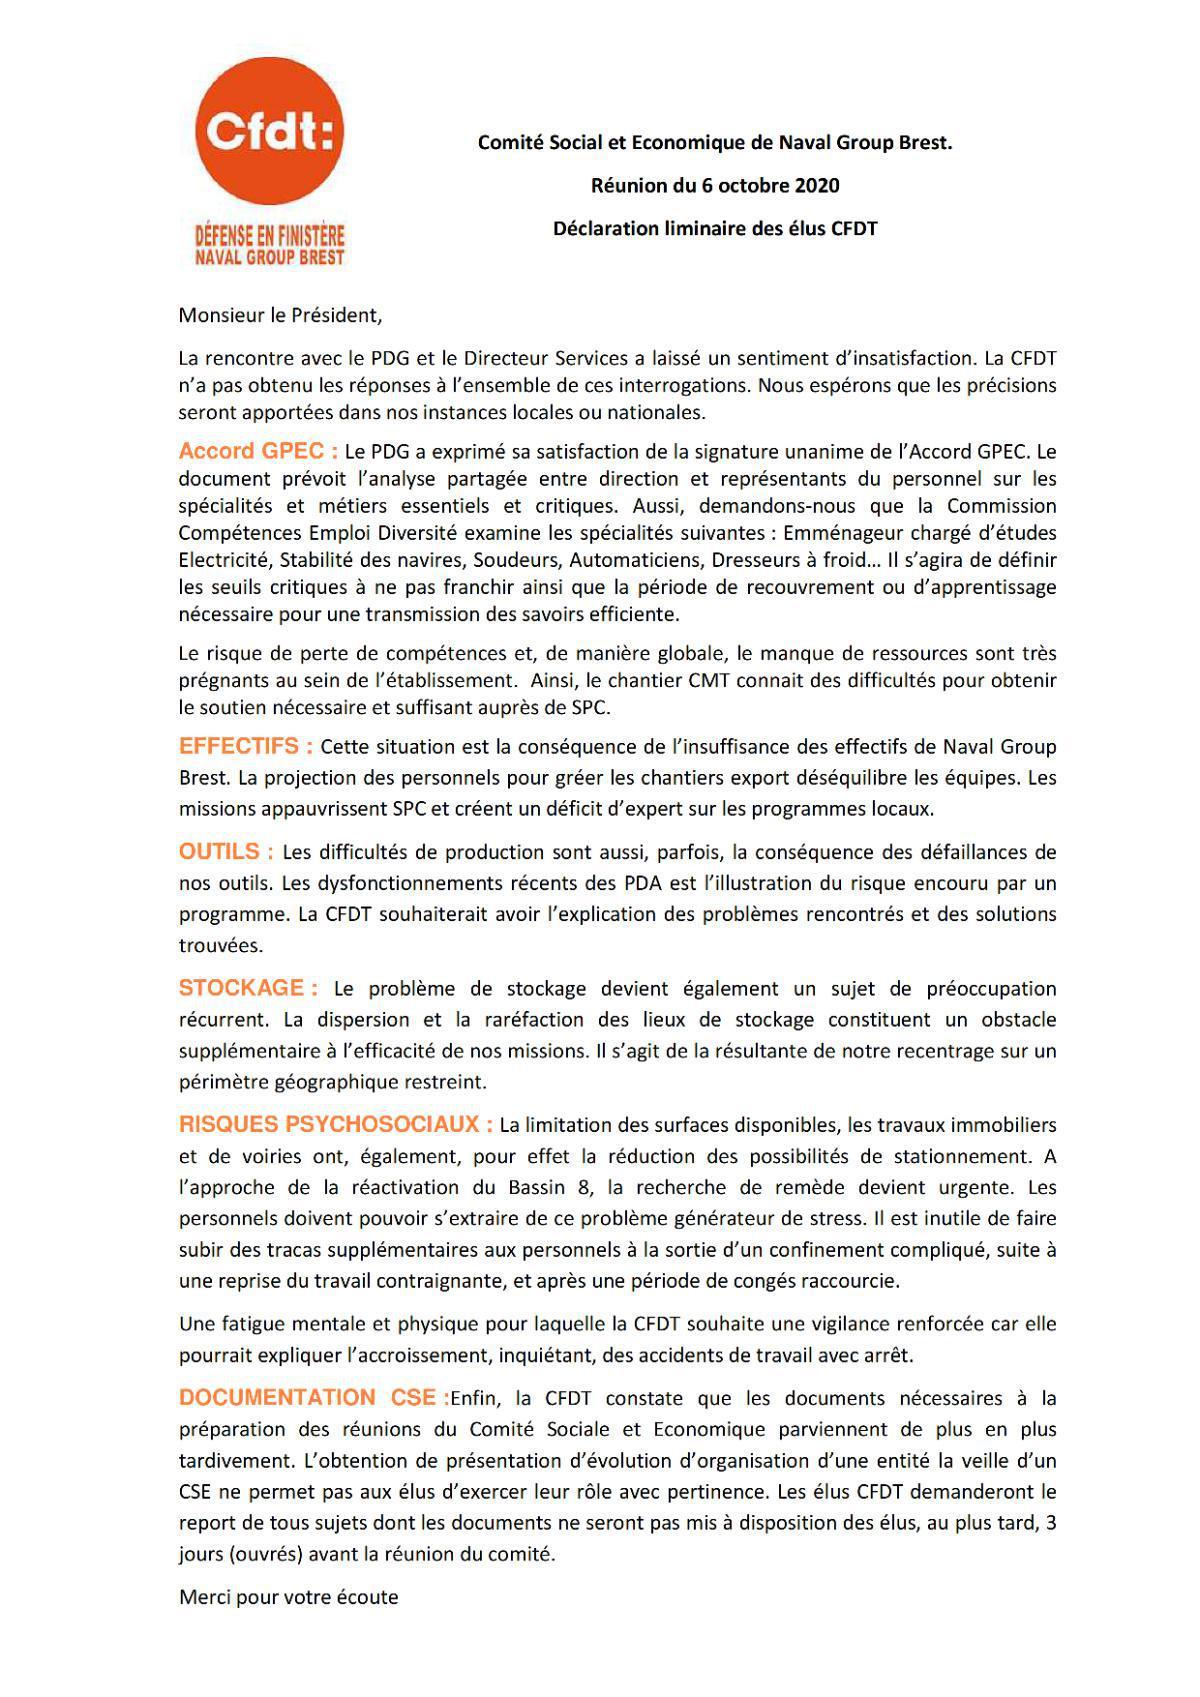 Déclaration Liminaire CSE Brest du 6 octobre 2020